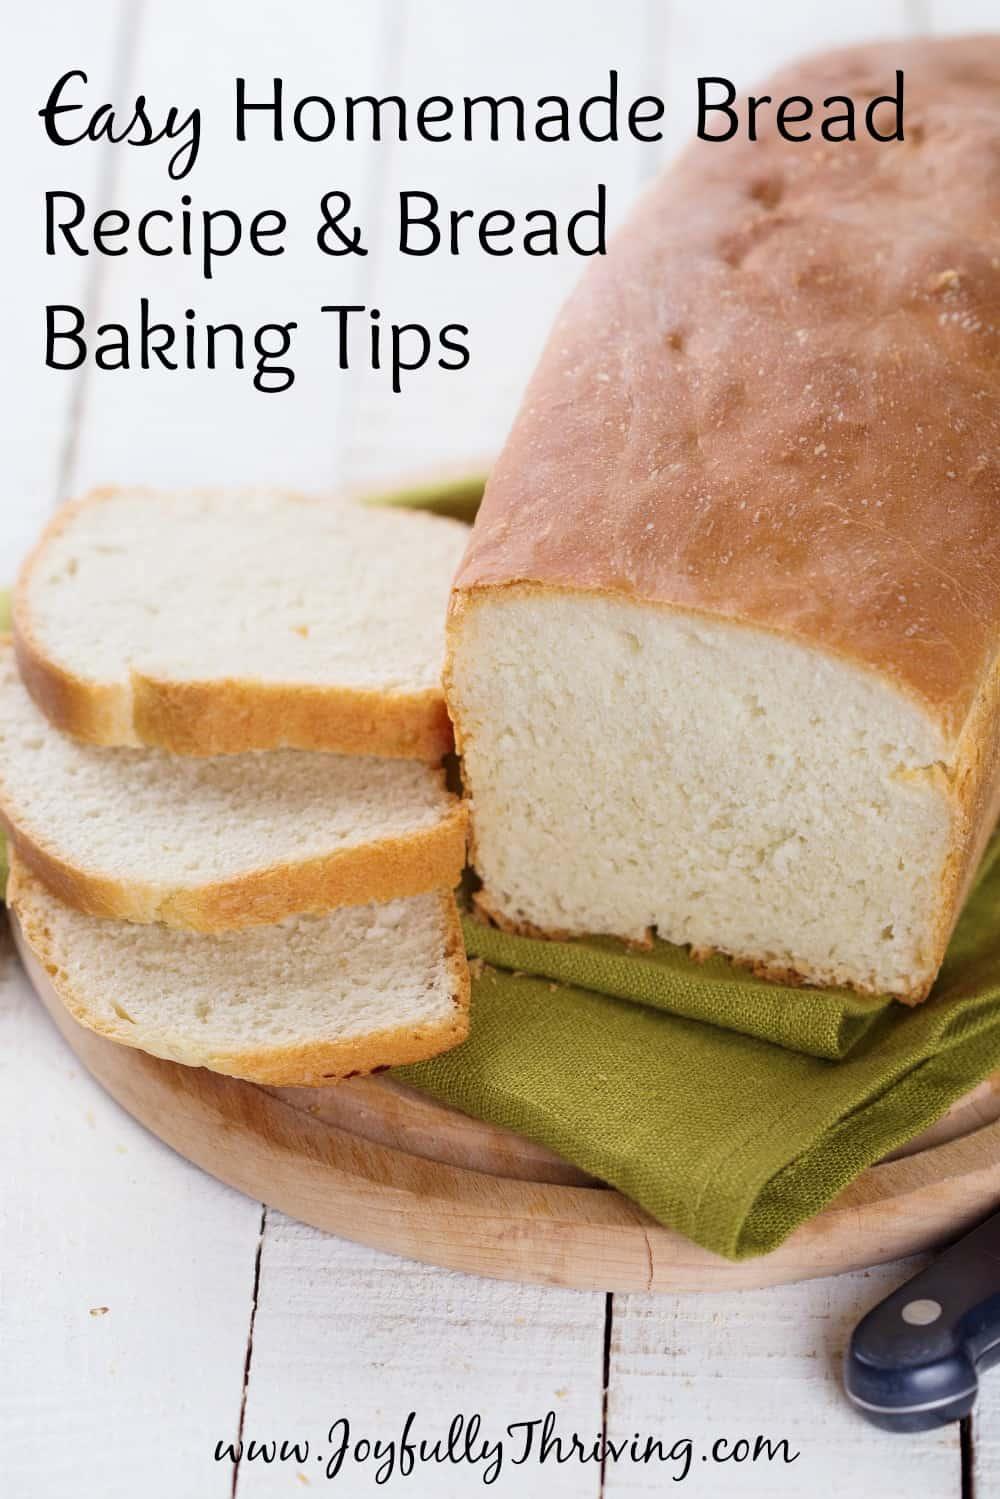 Easy Homemade Playdough Recipe: Homemade Bread Recipe & Tips